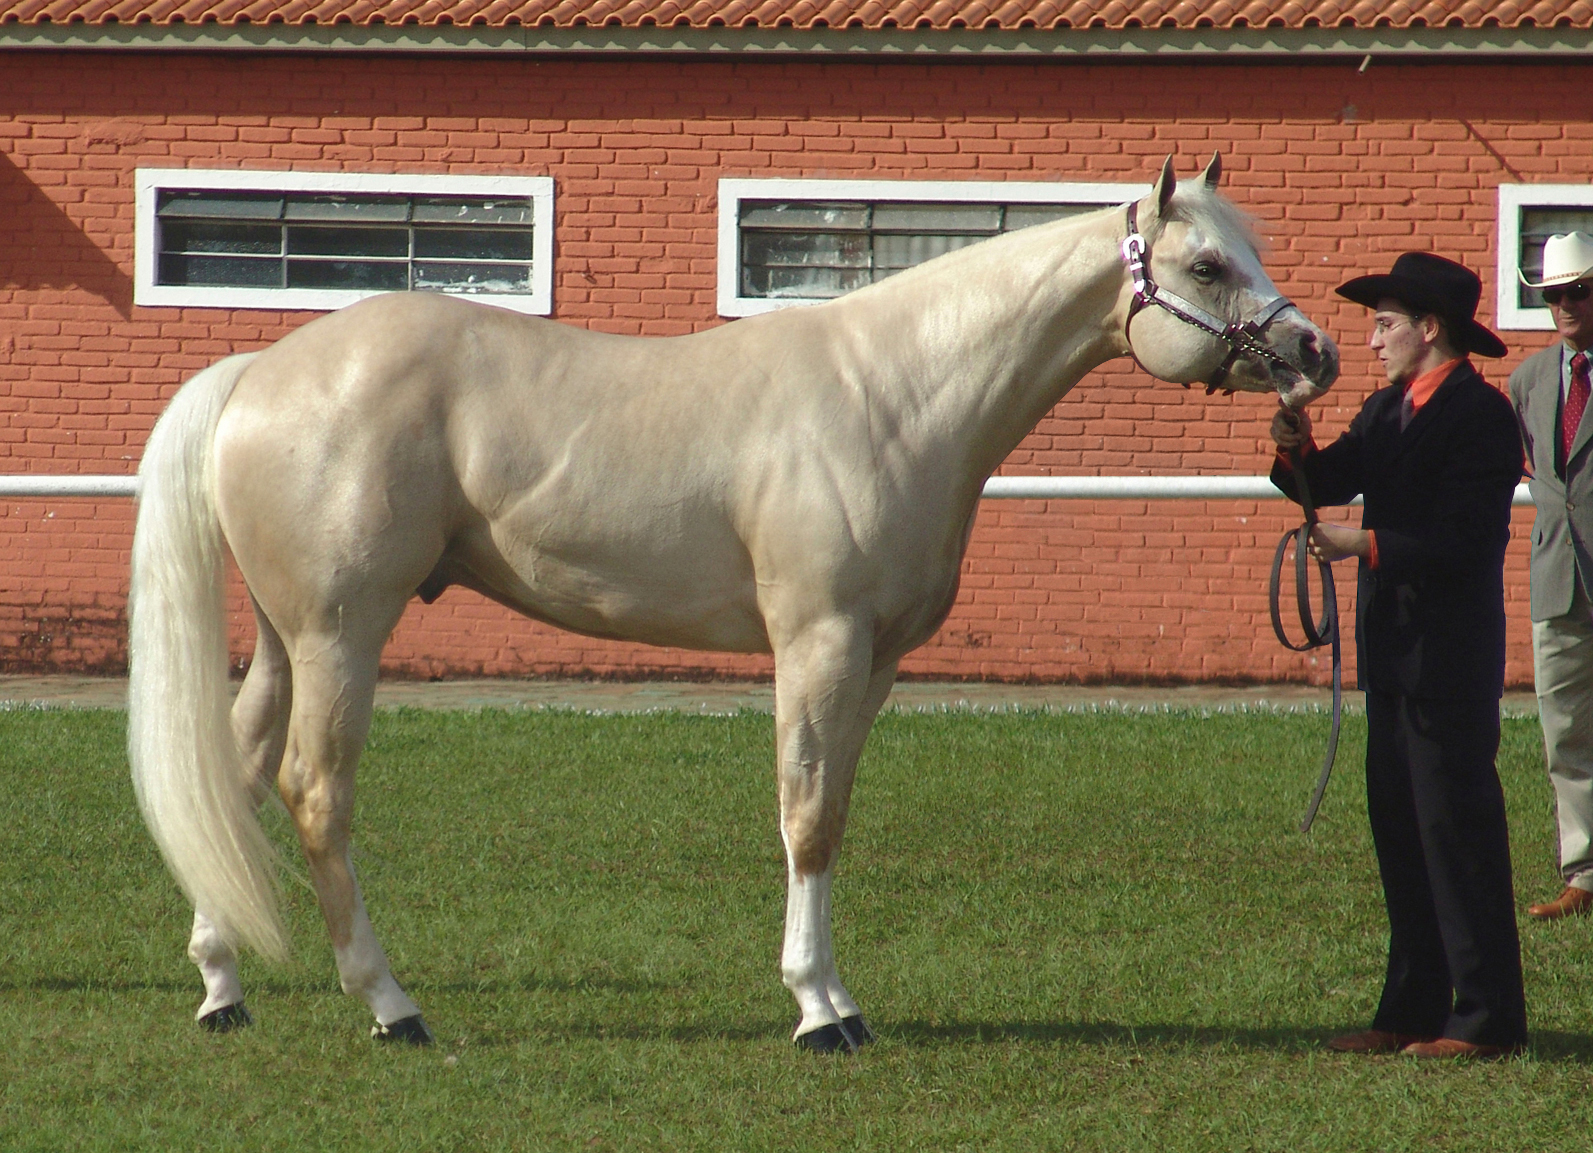 American Quarter Horse Wikipedia